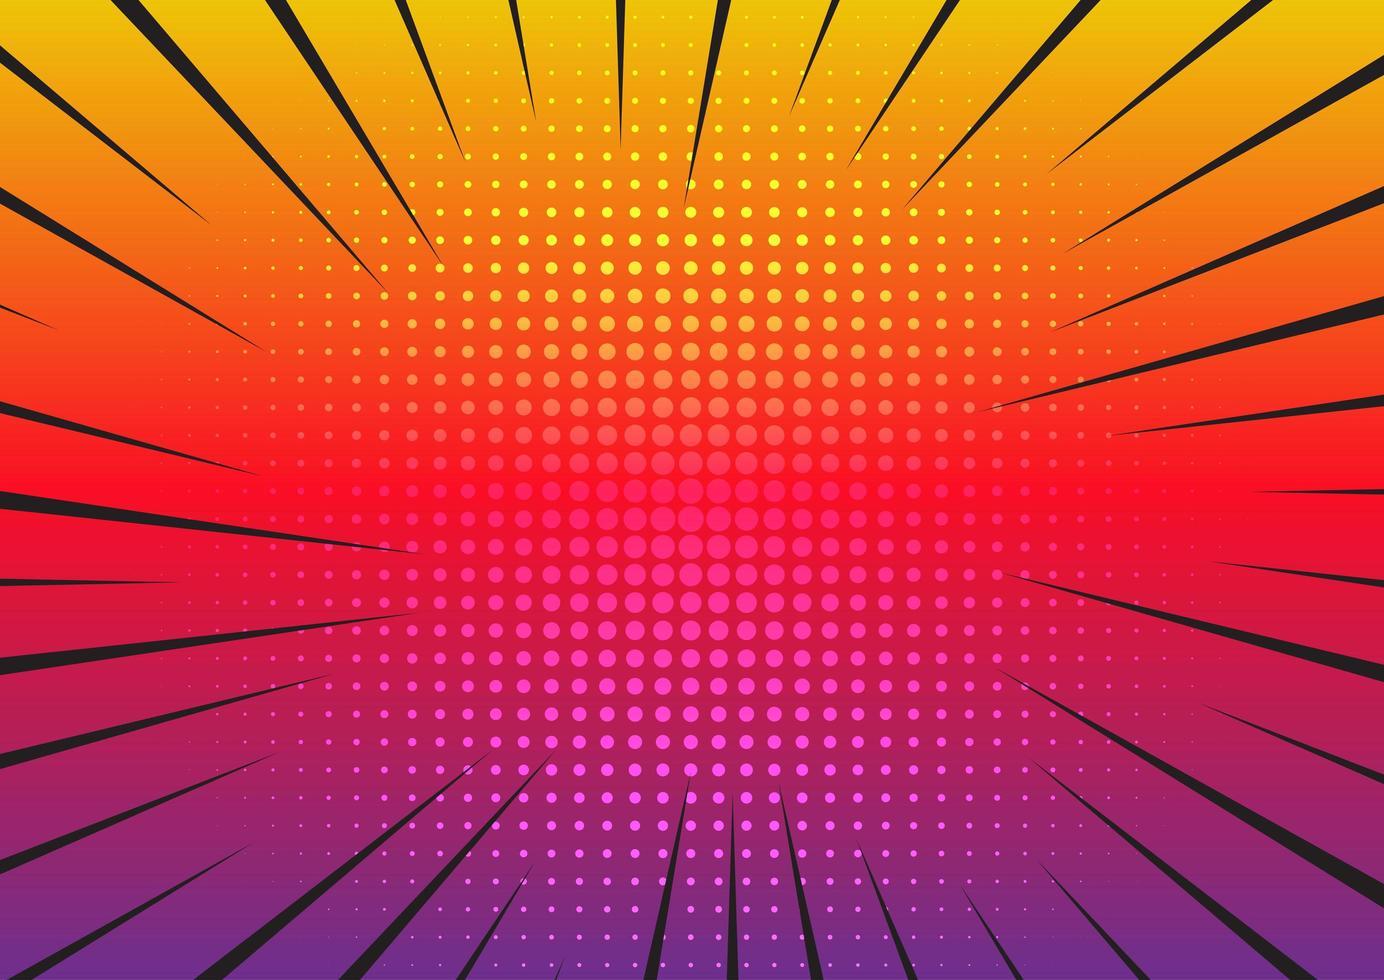 starburst dégradé rétro vecteur